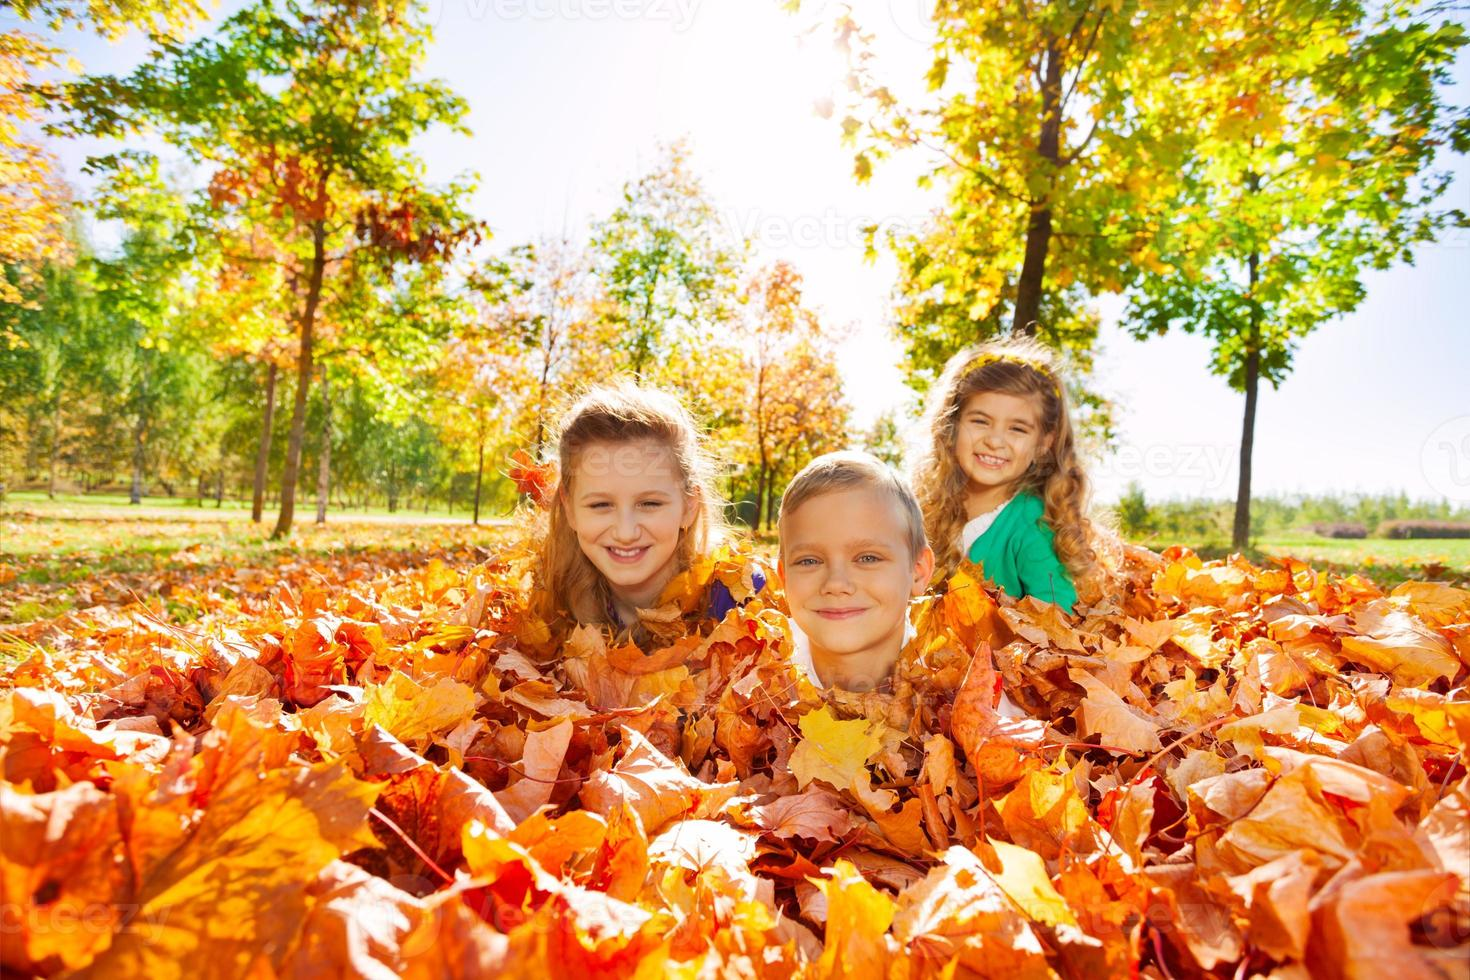 Kinder haben Spaß daran, mit Blättern auf dem Boden zu liegen foto